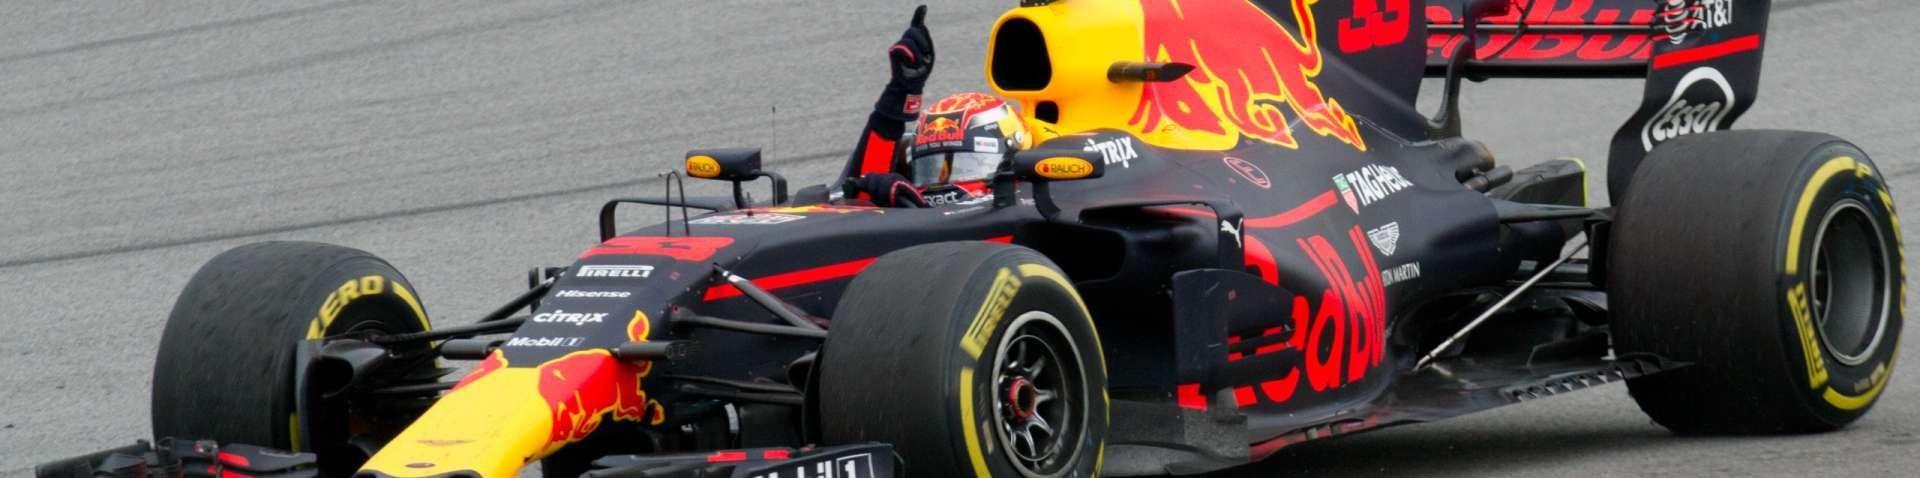 banner Formule 1 Zandvoort